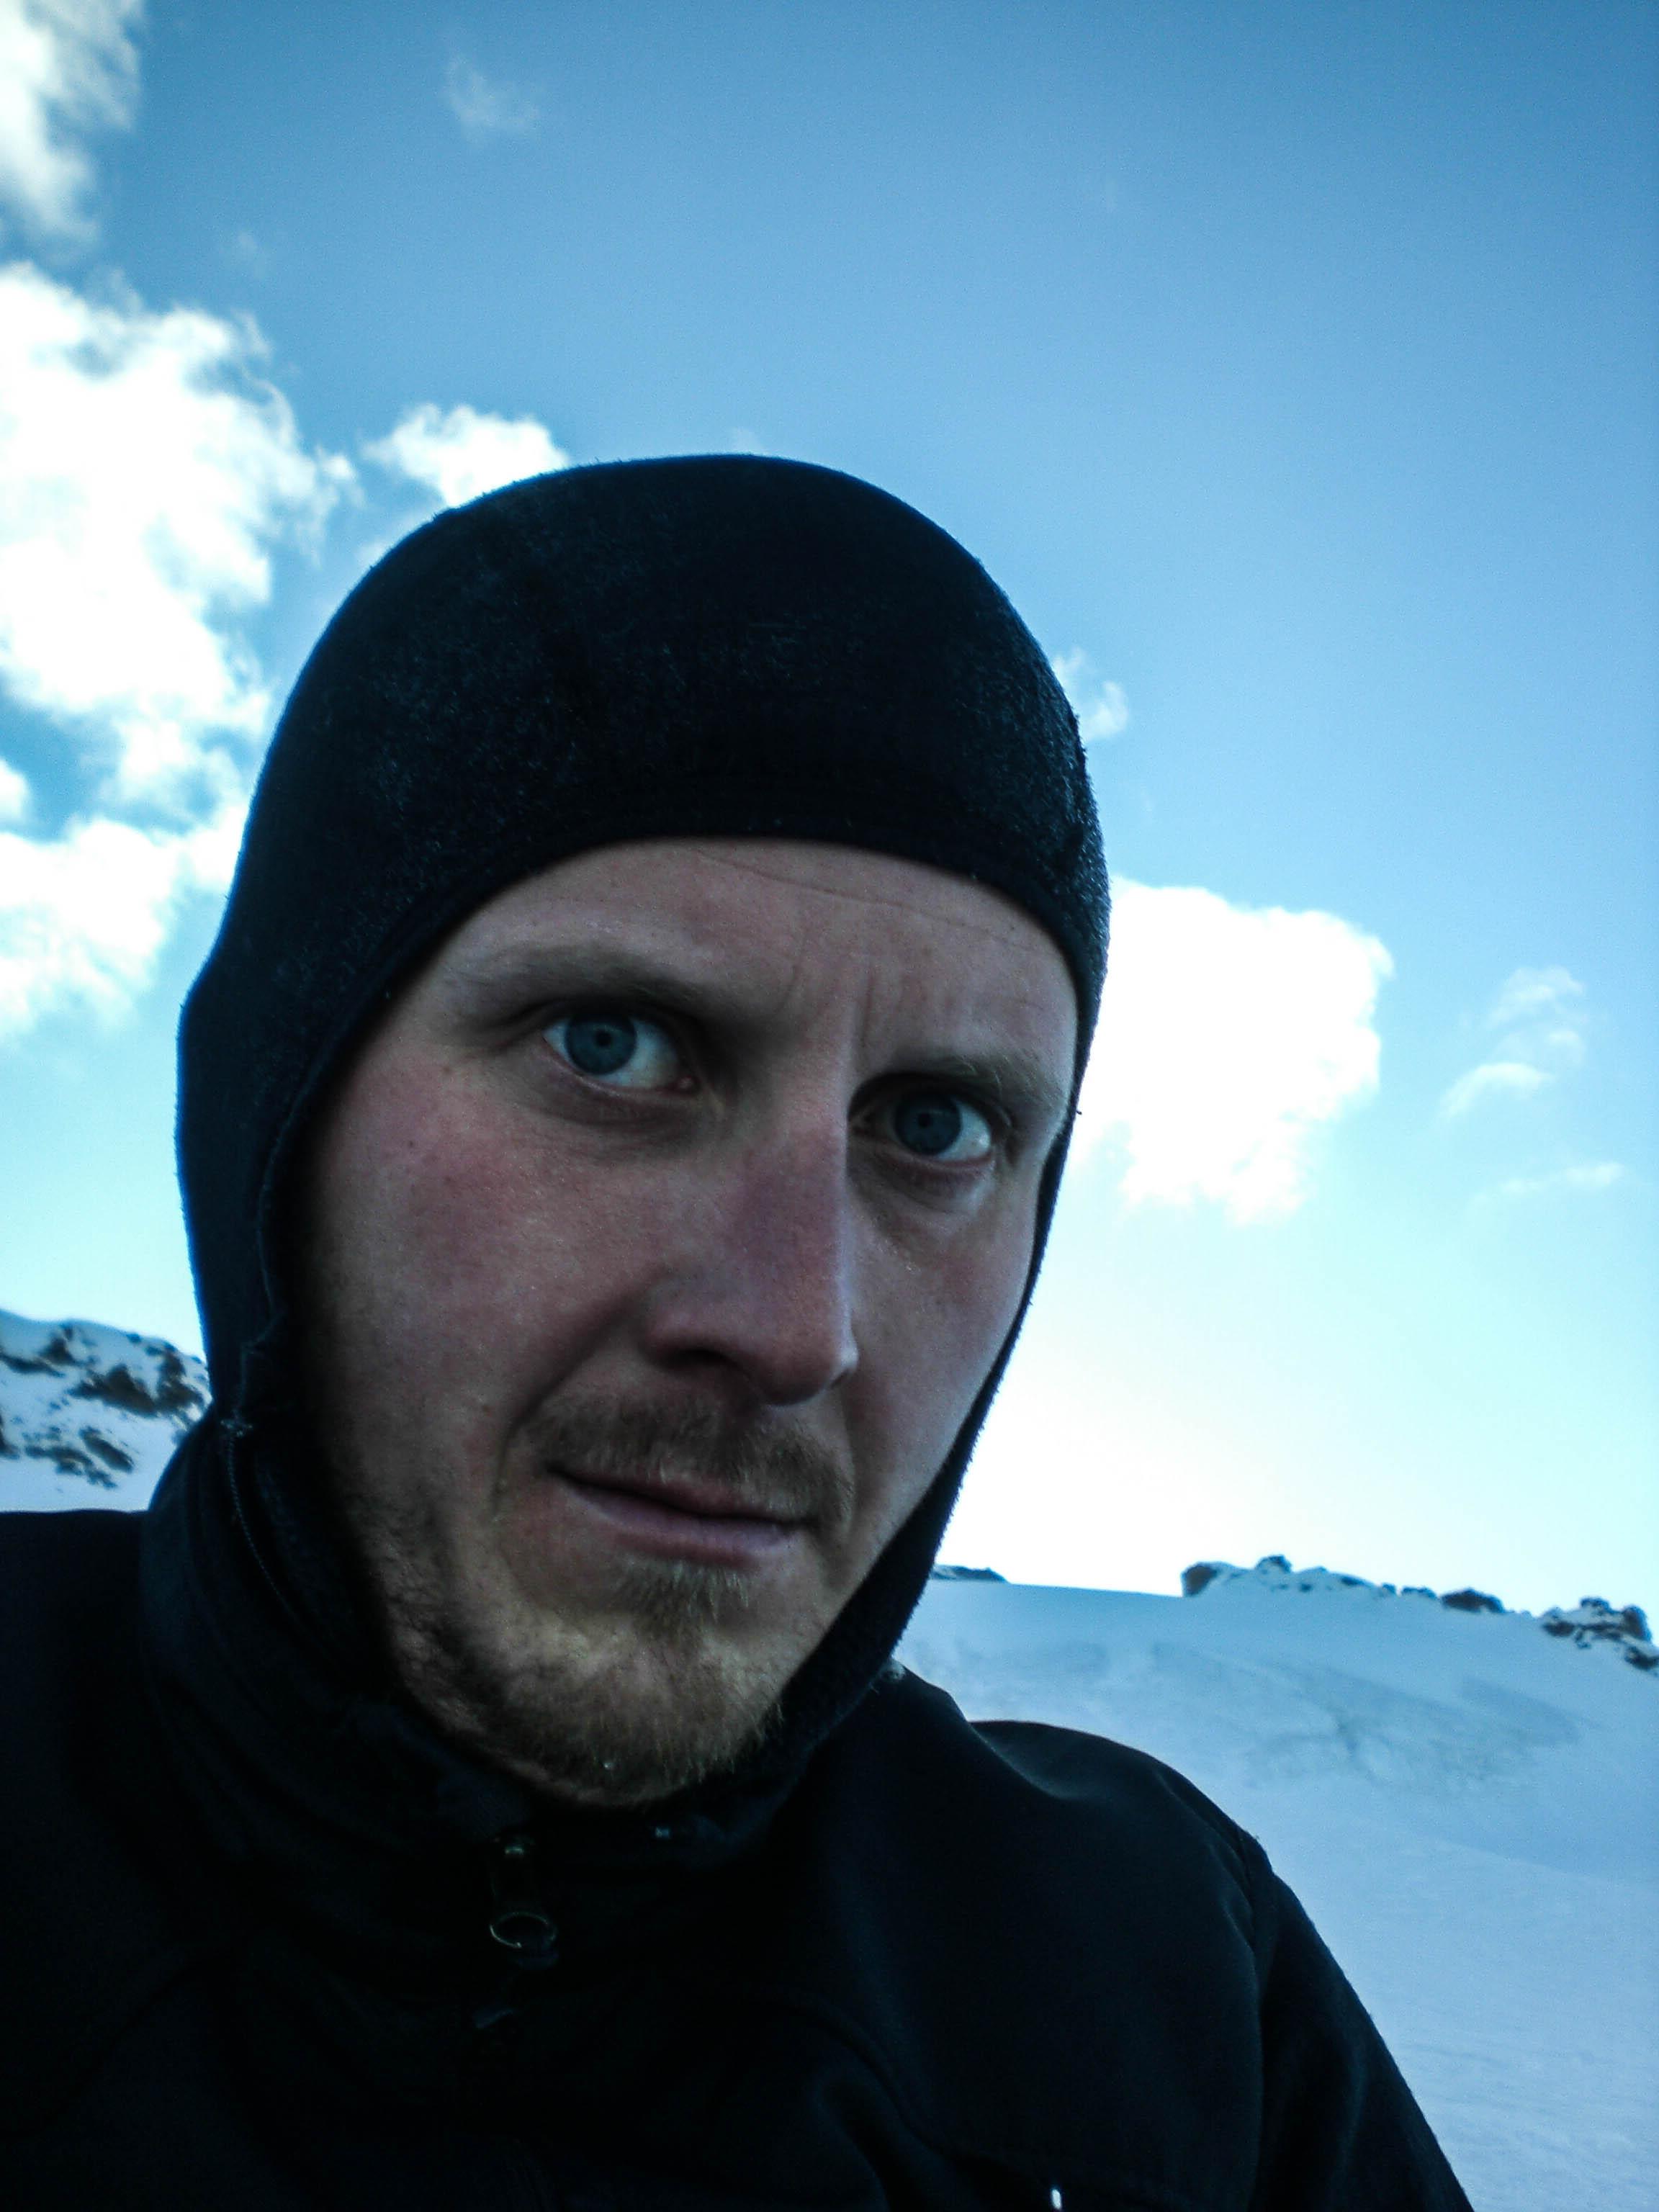 Beim Bergsport ist nicht zu spaßen! ;-)